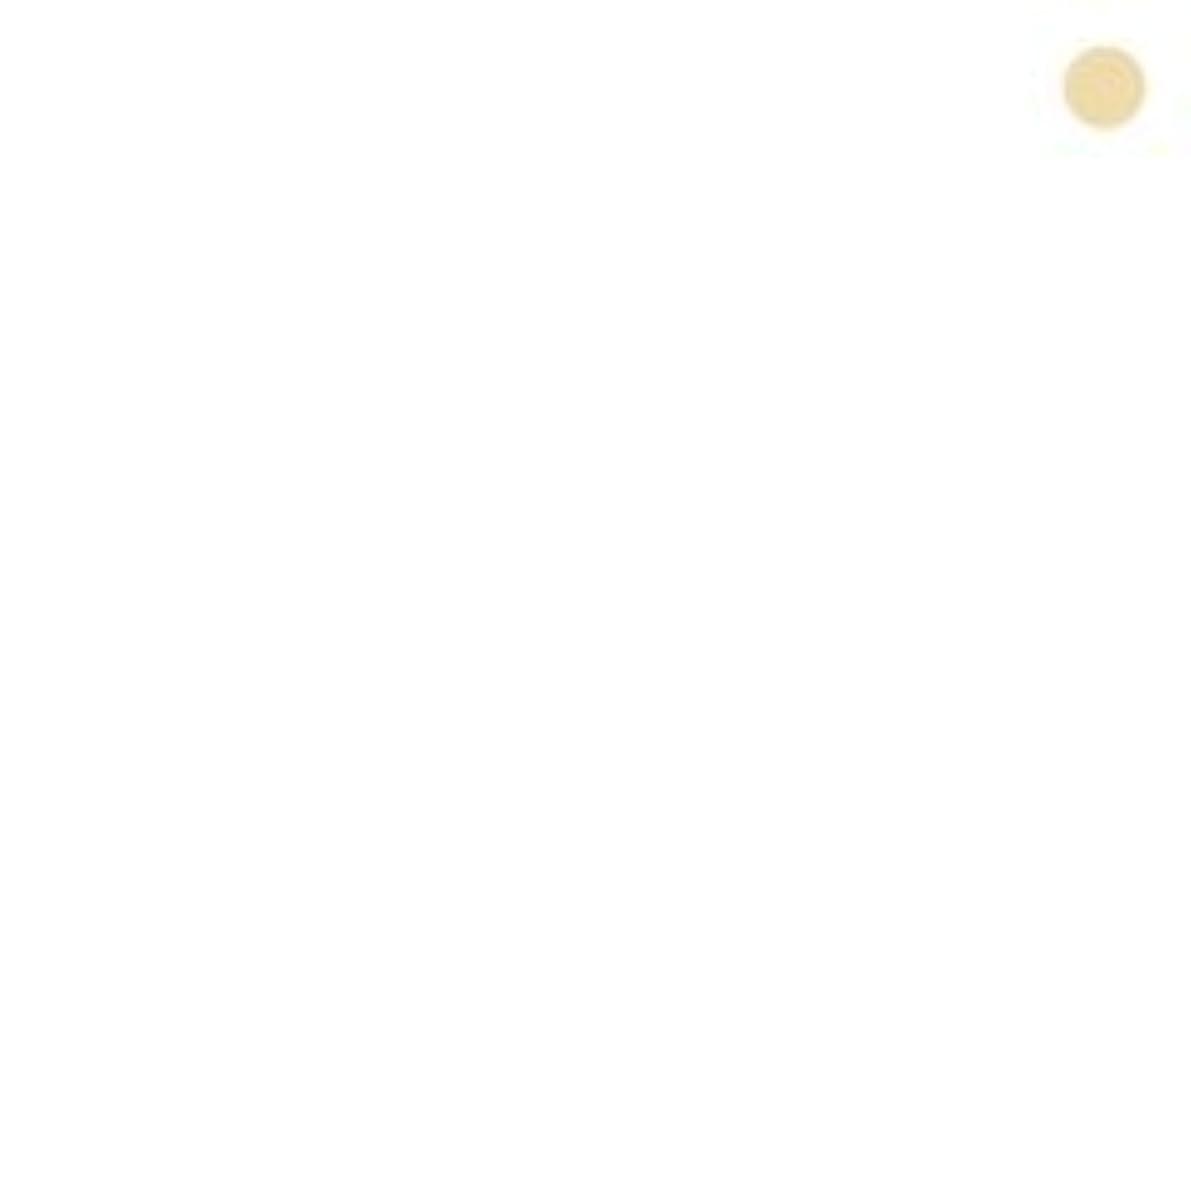 ばかビスケット恐怖症【カバーマーク】ジャスミーカラー パウダリーファンデーション #BN20 (レフィル)